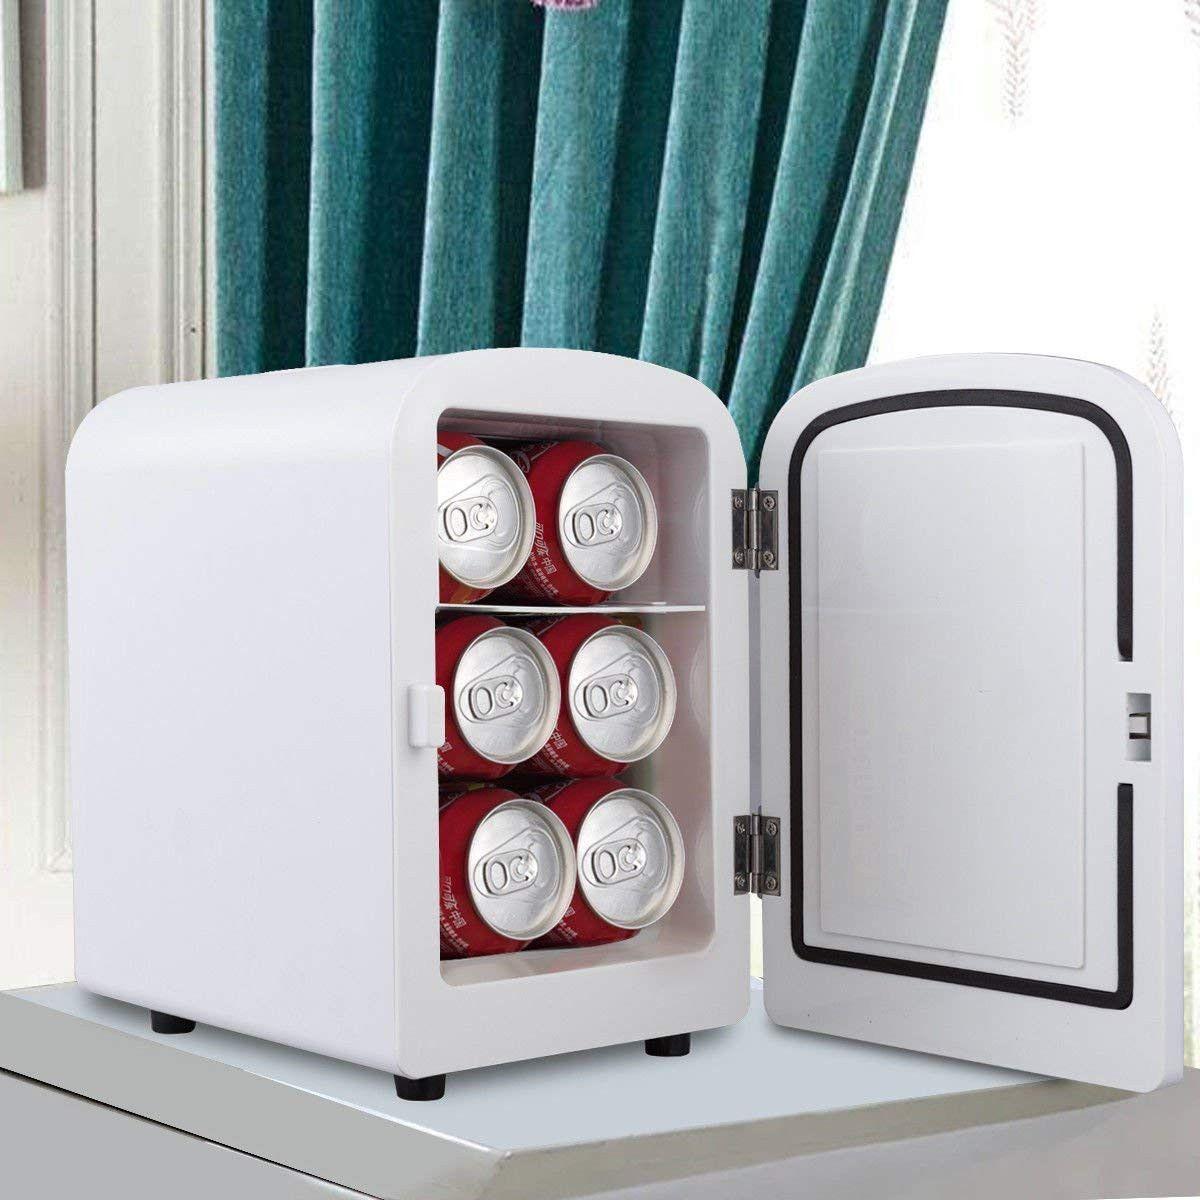 Giantex 4l Mini Fridge Portable Cooler And Warmer Home Office Portable Mini Fridge Mini Fridge Cool Mini Fridge